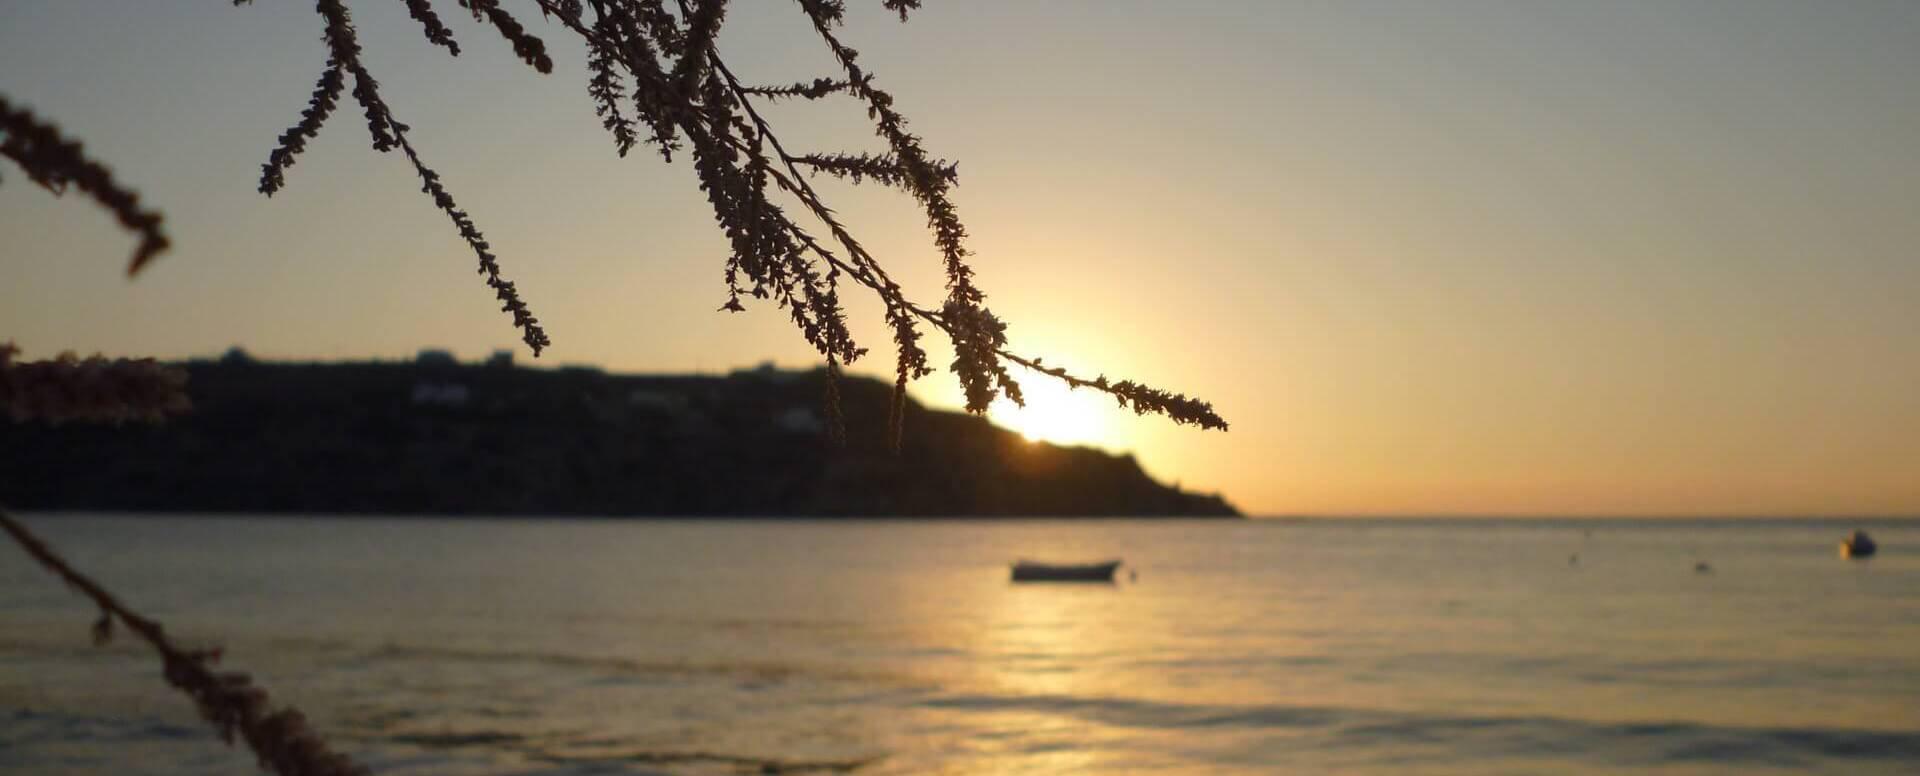 10 choses à faire dans les Cyclades - Cyclades - Autres îles